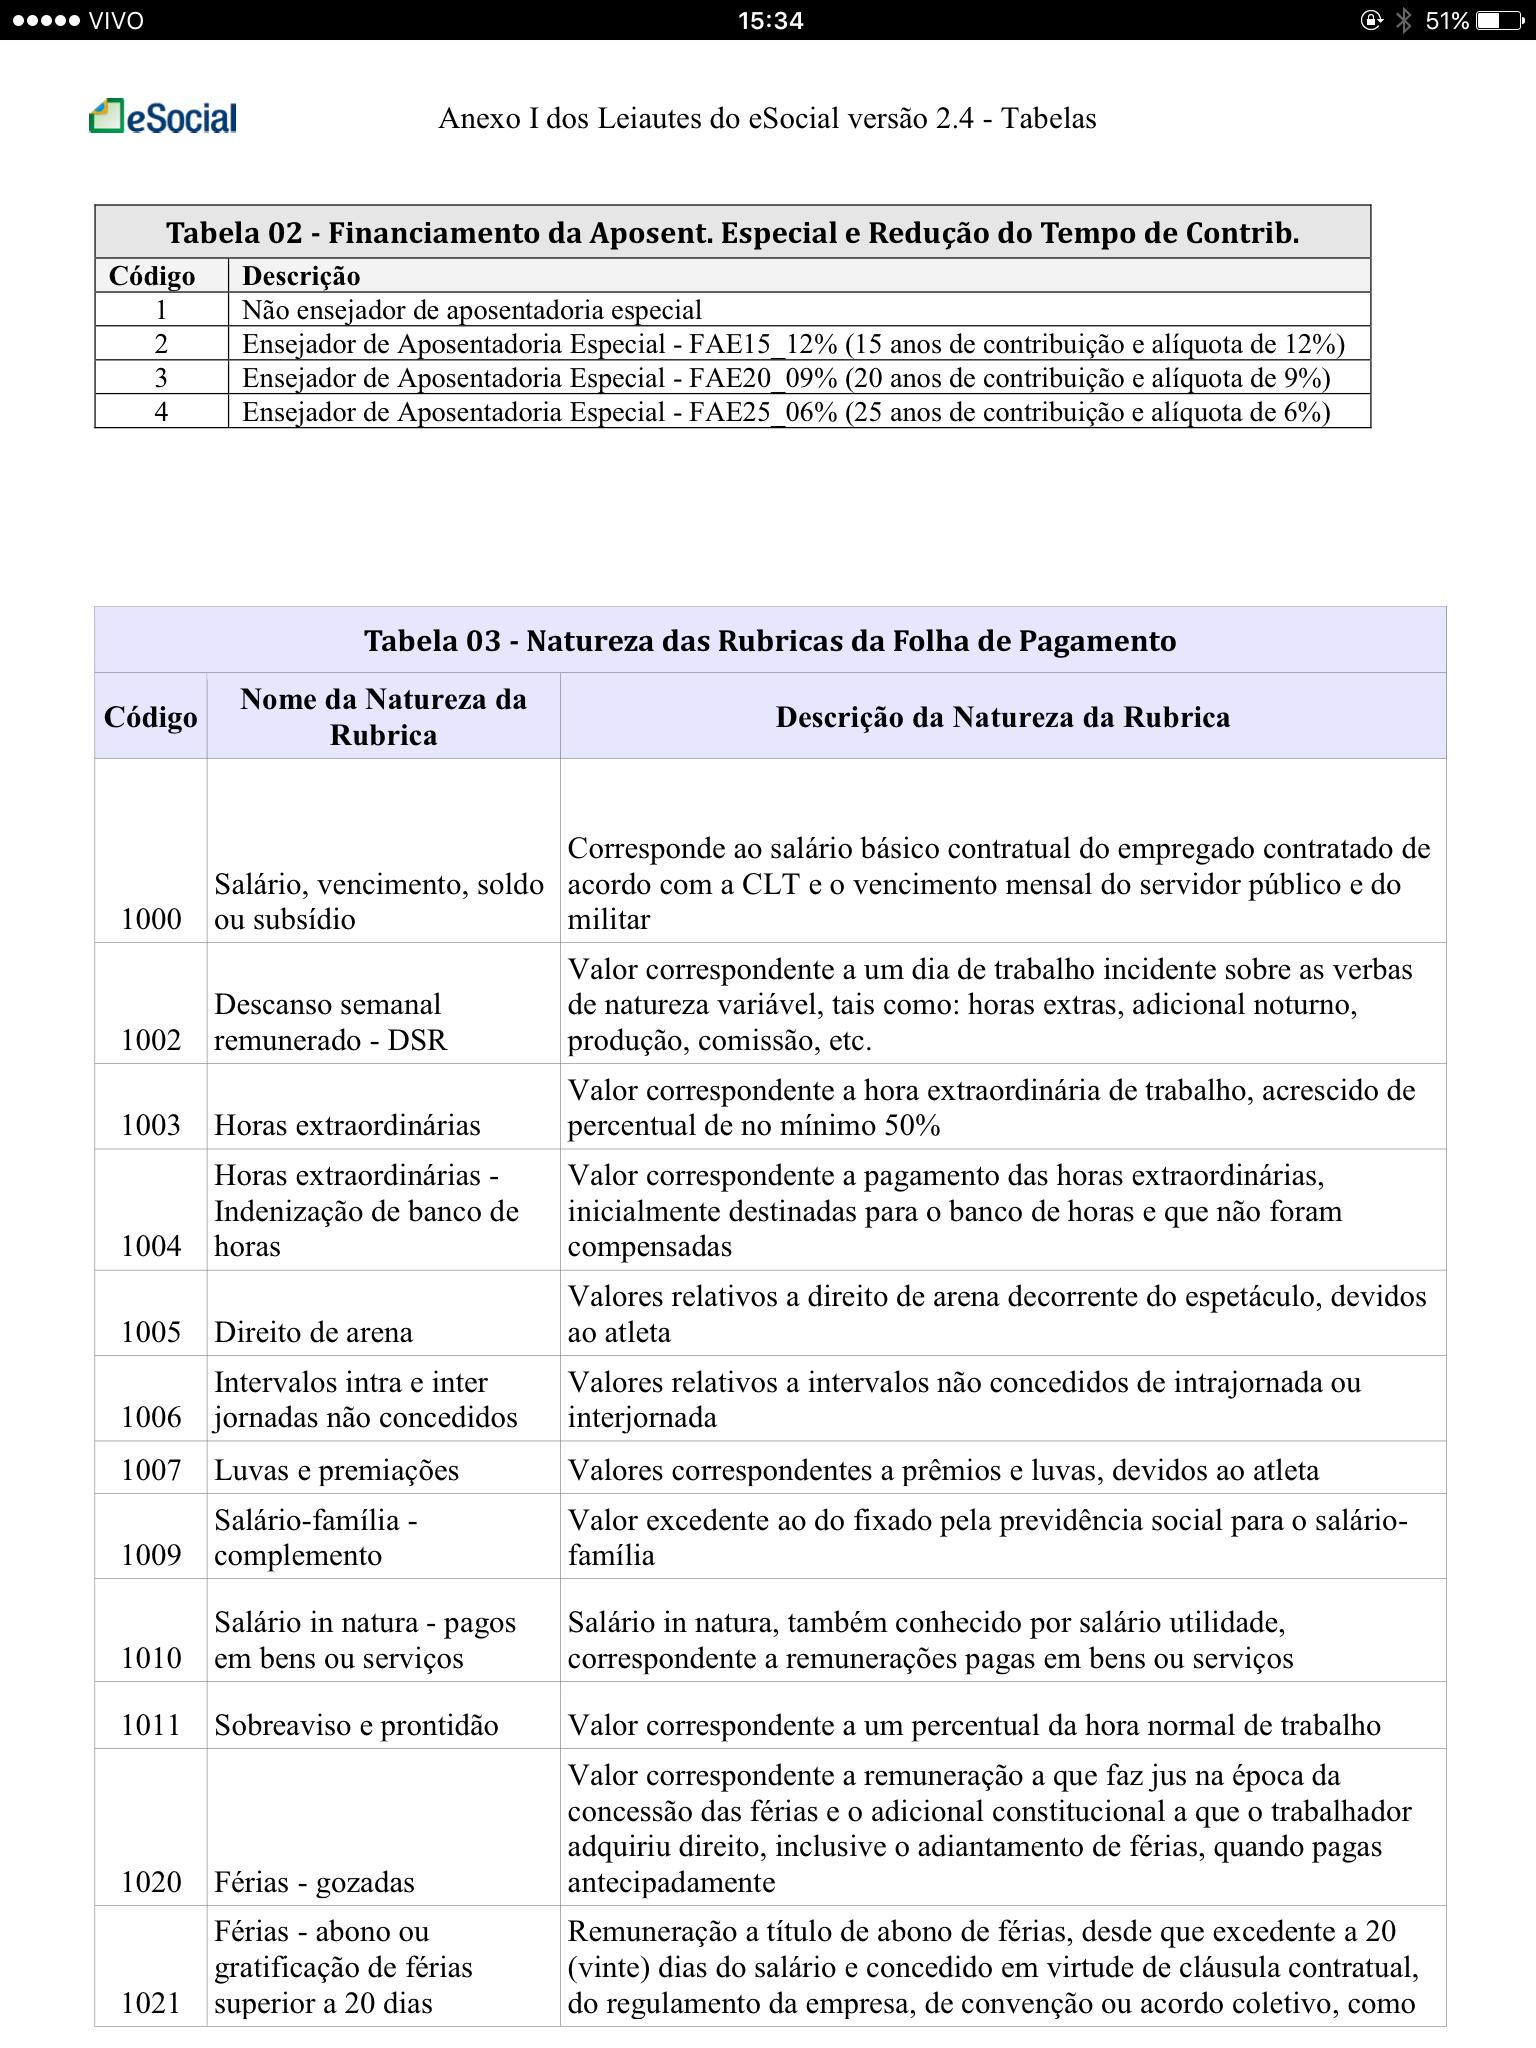 Tabela 3 Natureza das Rubricas da Folha de Pagamento 1